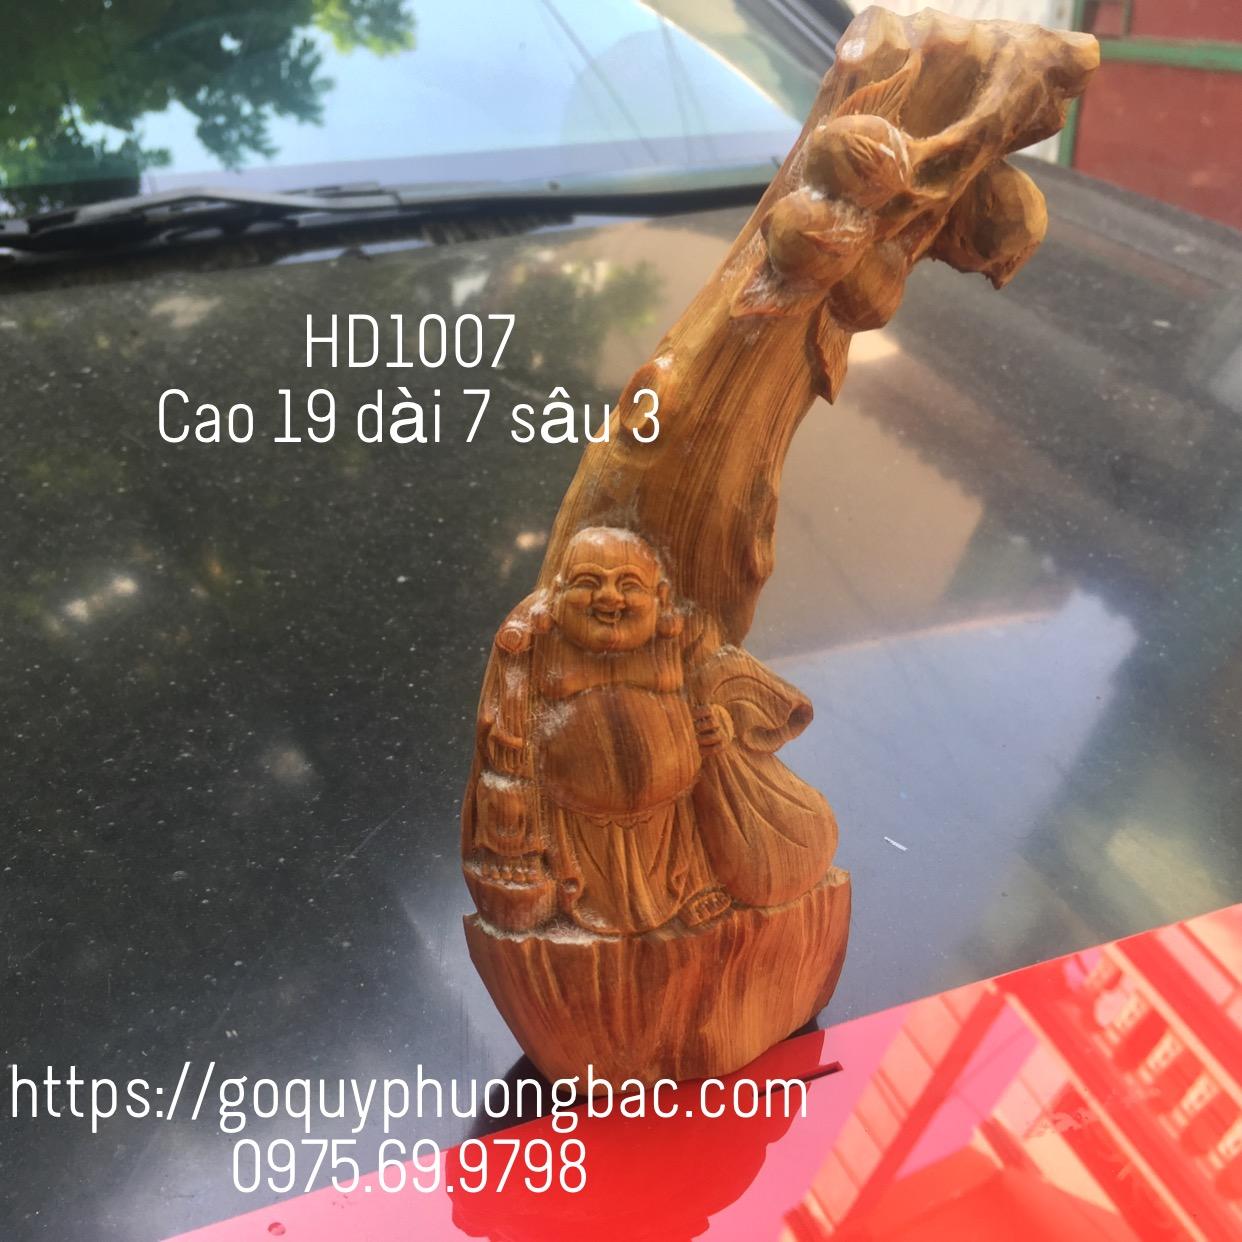 tuong-hoang-dan-xe-o-to-hd1007